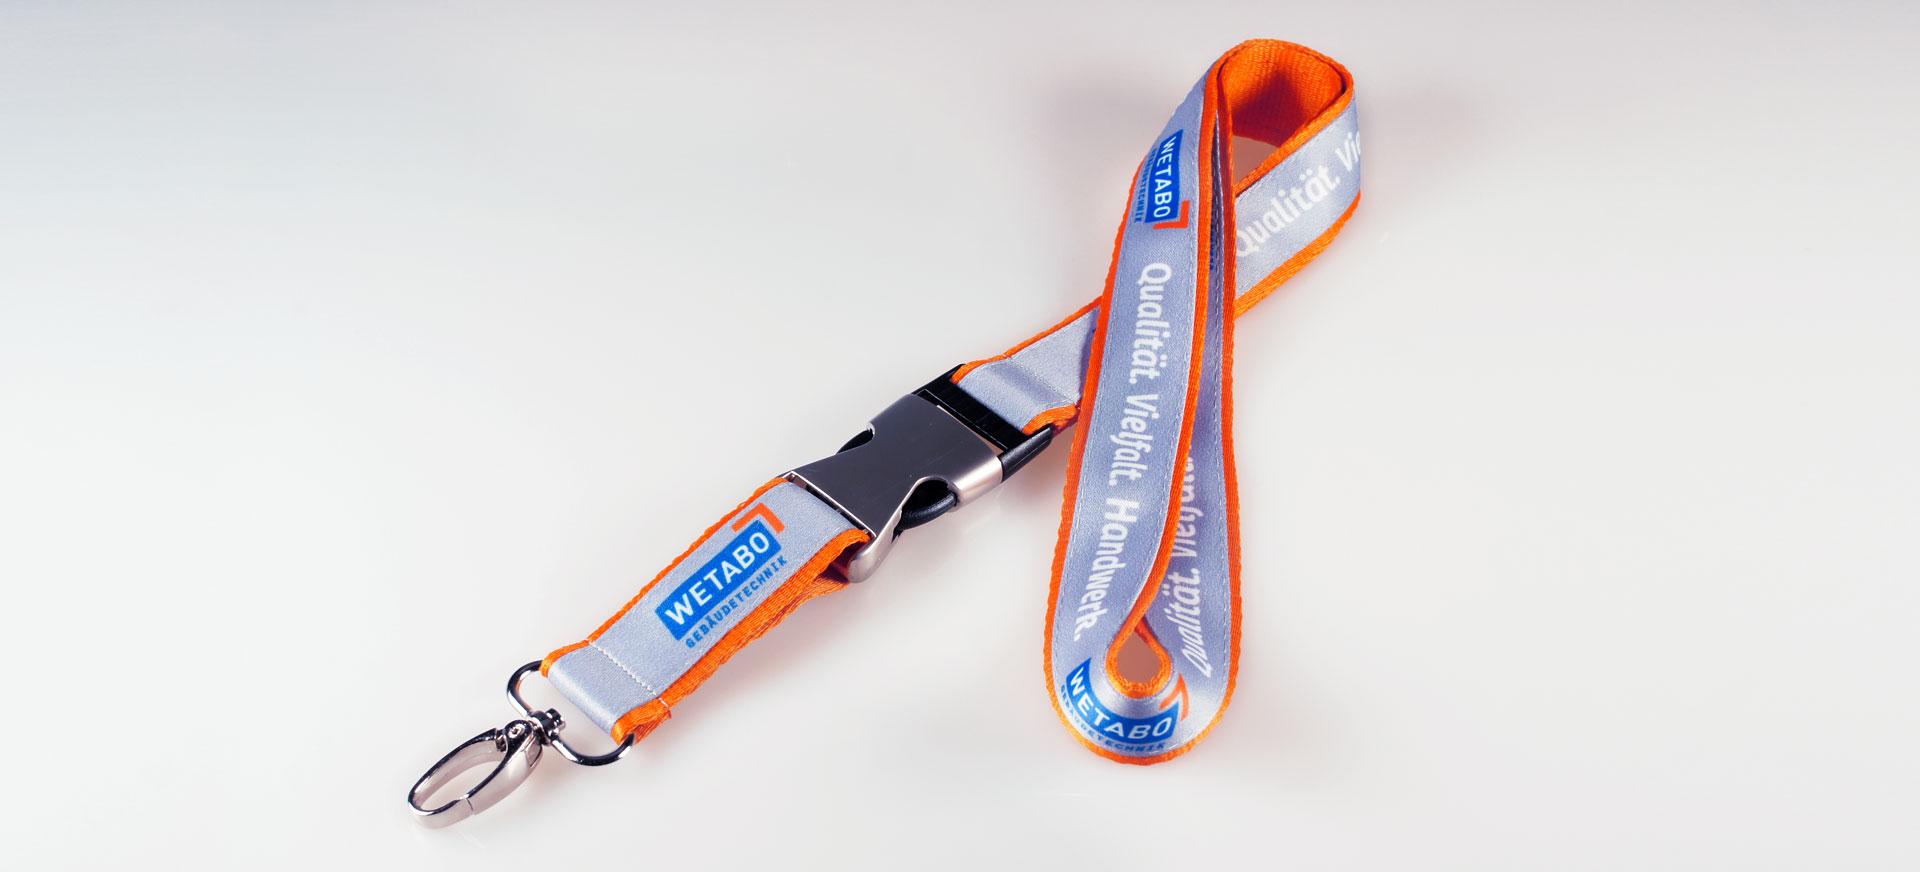 Lanyard Bedrucken Schluesselband Doppelt Logo Metall Verschluss Matt Filz Alternative Bunt Bedruckt Guenstig Kaufen 20mm Satinband Grau